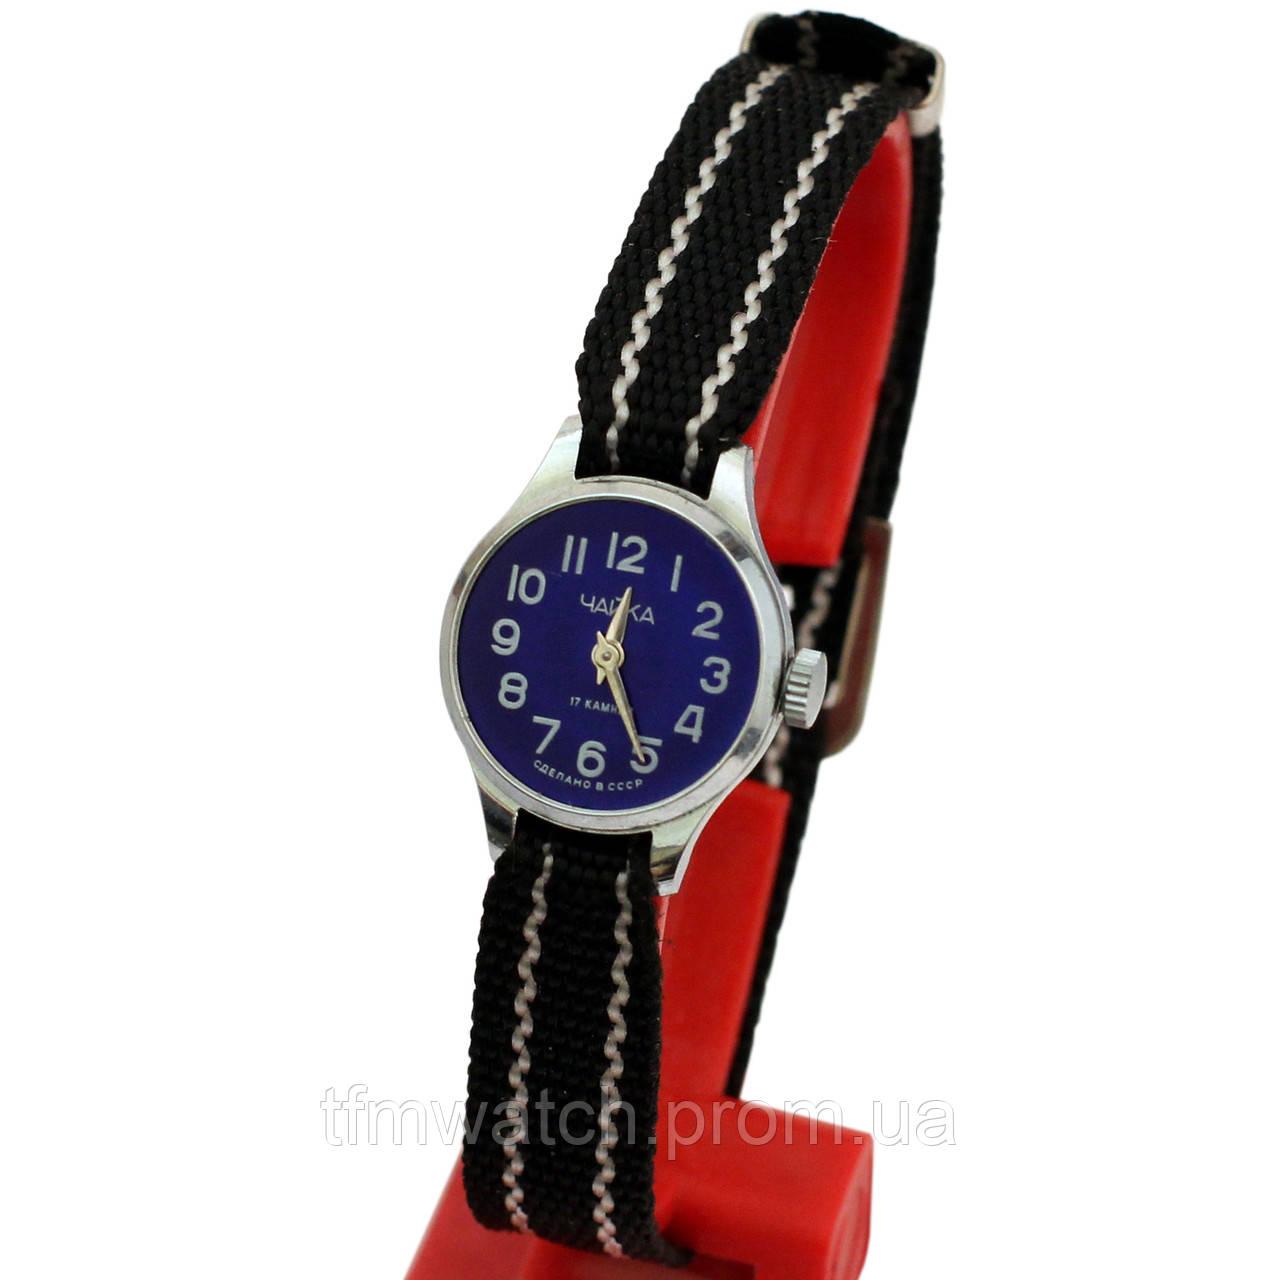 Женские механические часы Чайка 17 камней